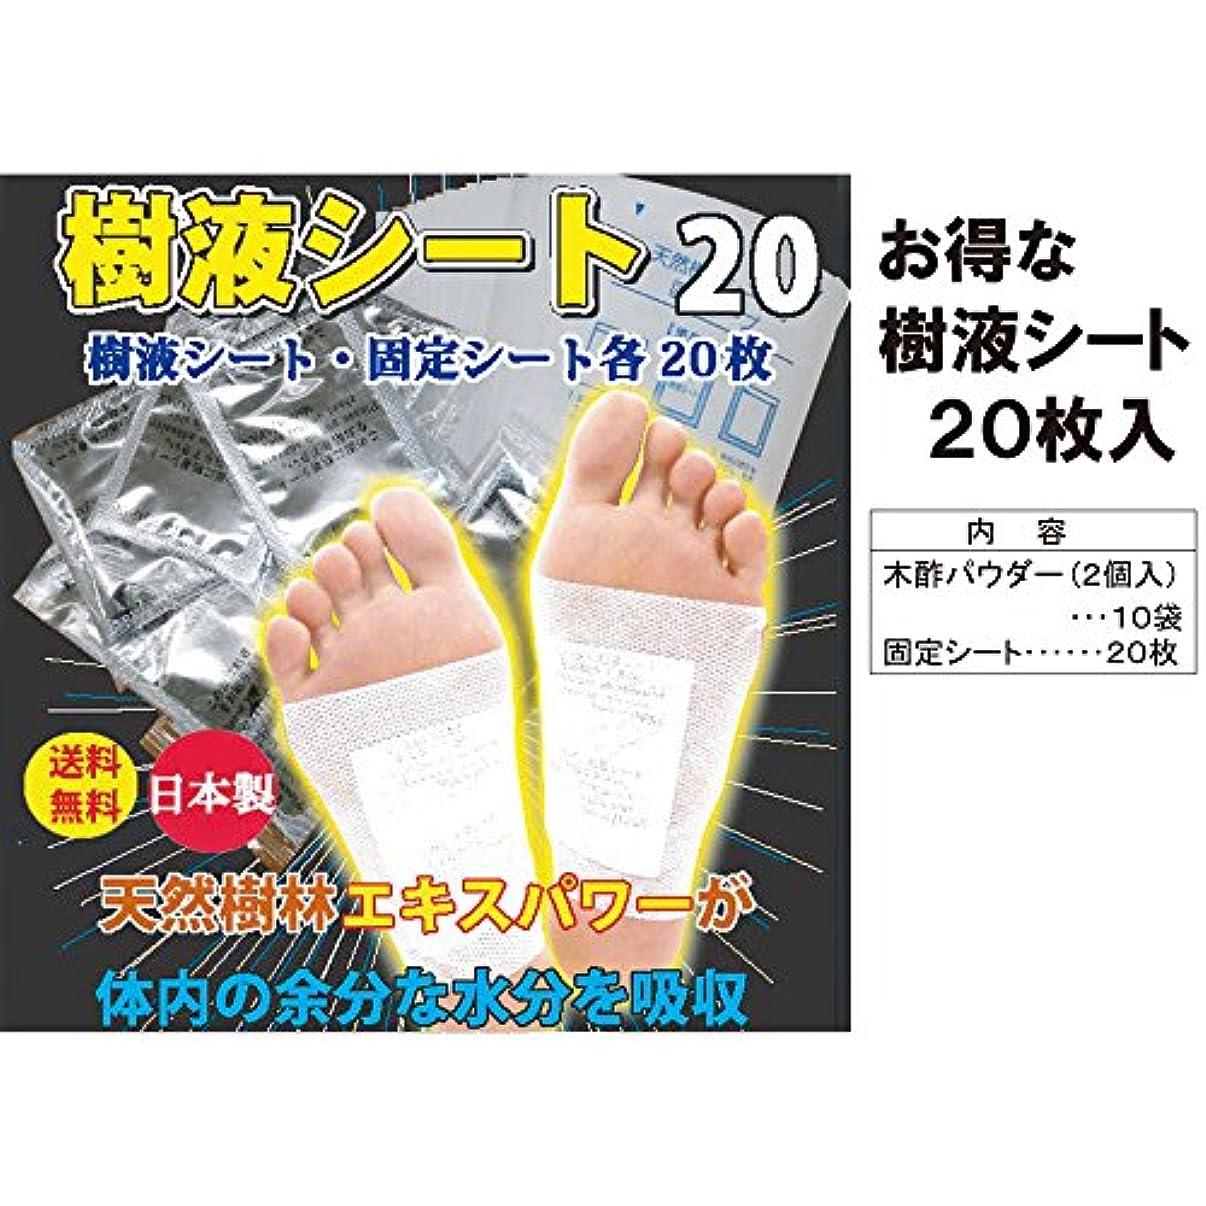 承認発見する実業家M&Sジャパン 日本製 足裏樹液シート80枚 20枚入り4個セット 足裏 シート お徳用 健康 グッズ 足ツボ